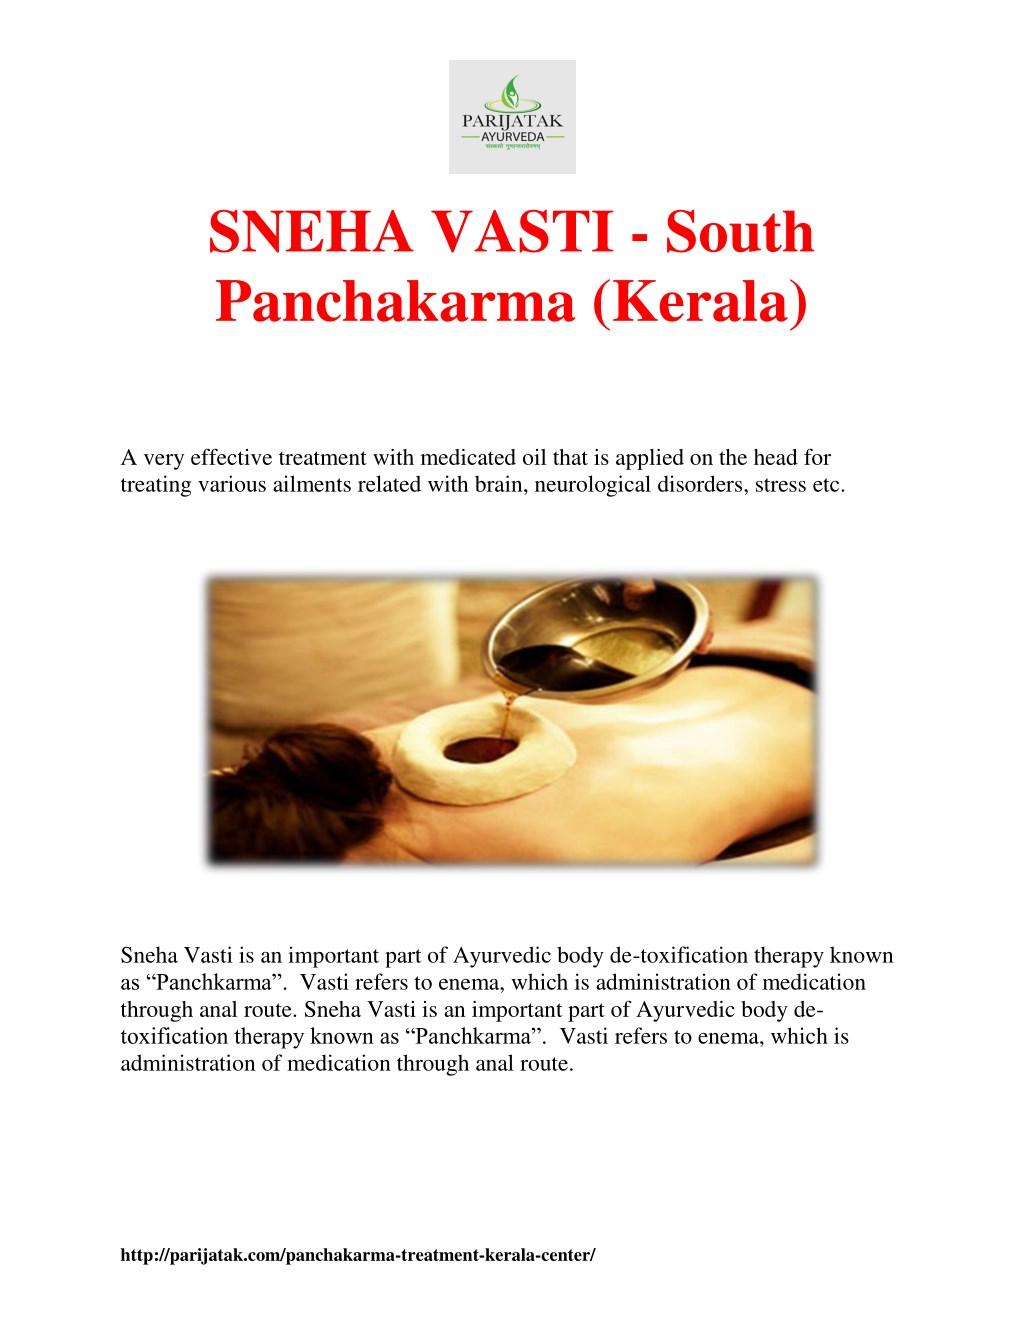 PPT - SNEHA VASTI - South Panchakarma (Kerala) PowerPoint